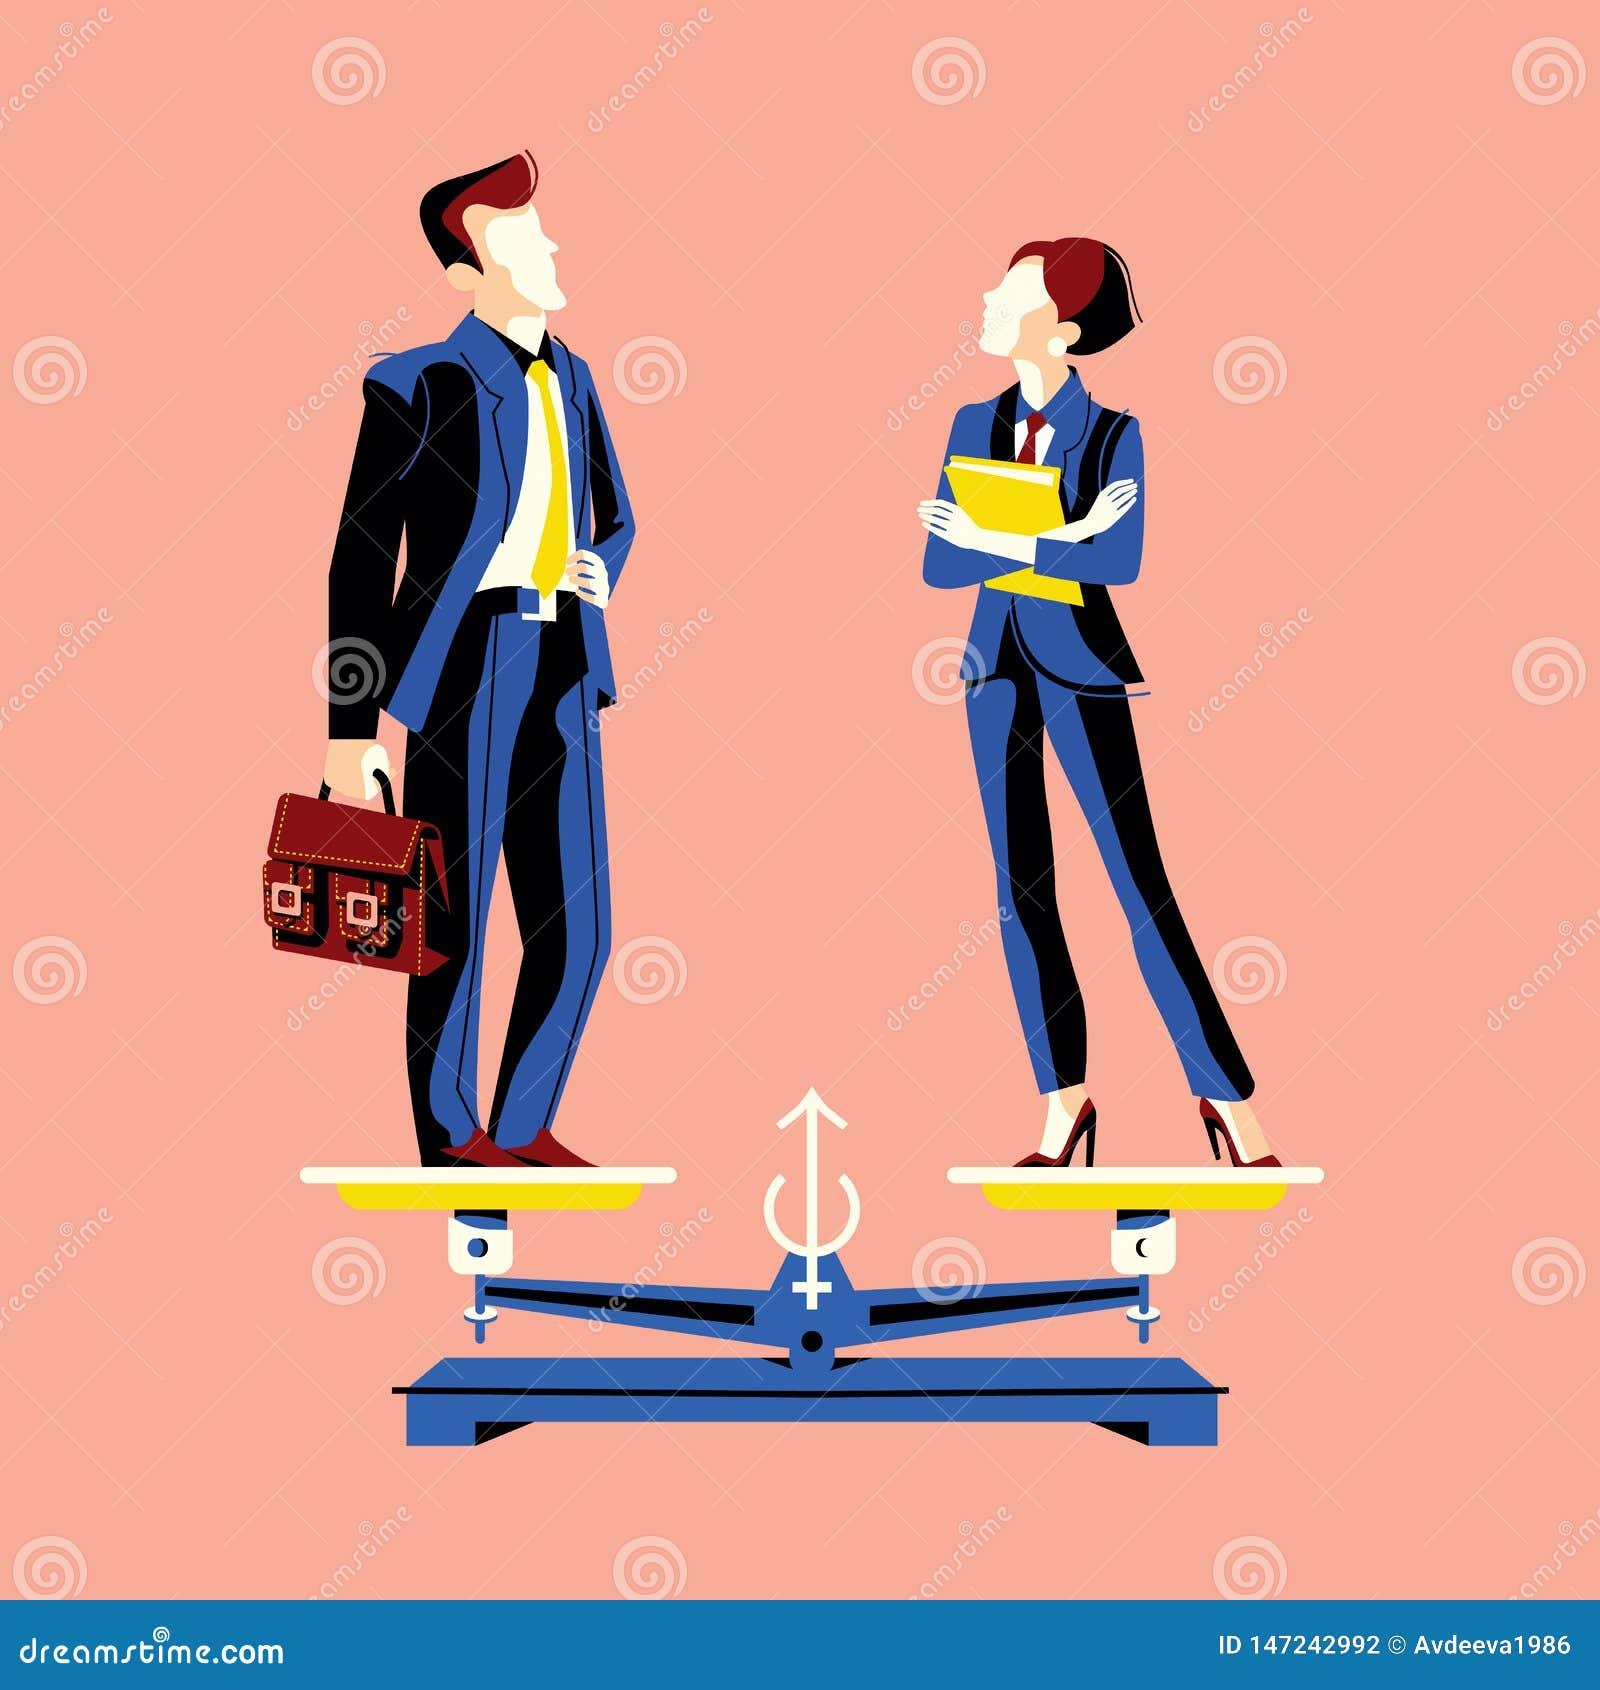 与妇女和人的男女平等概念相等的高度等级的